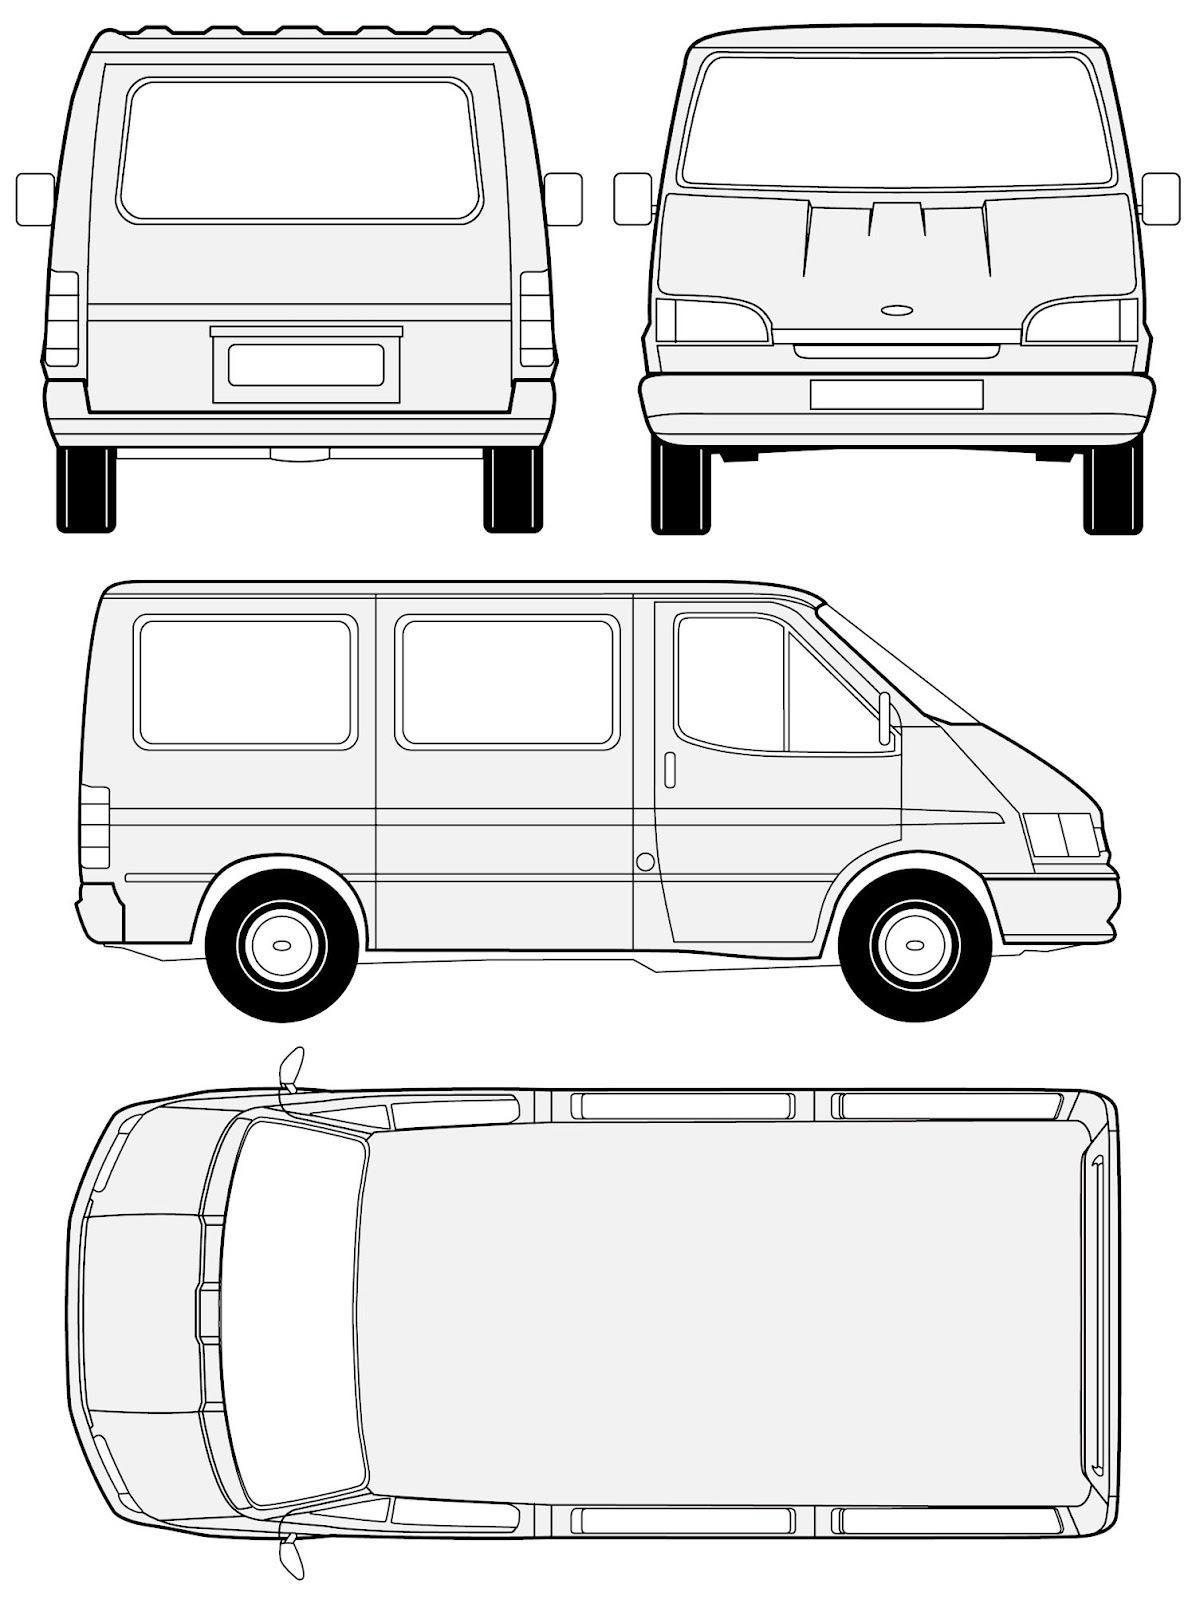 форд транзит 2010